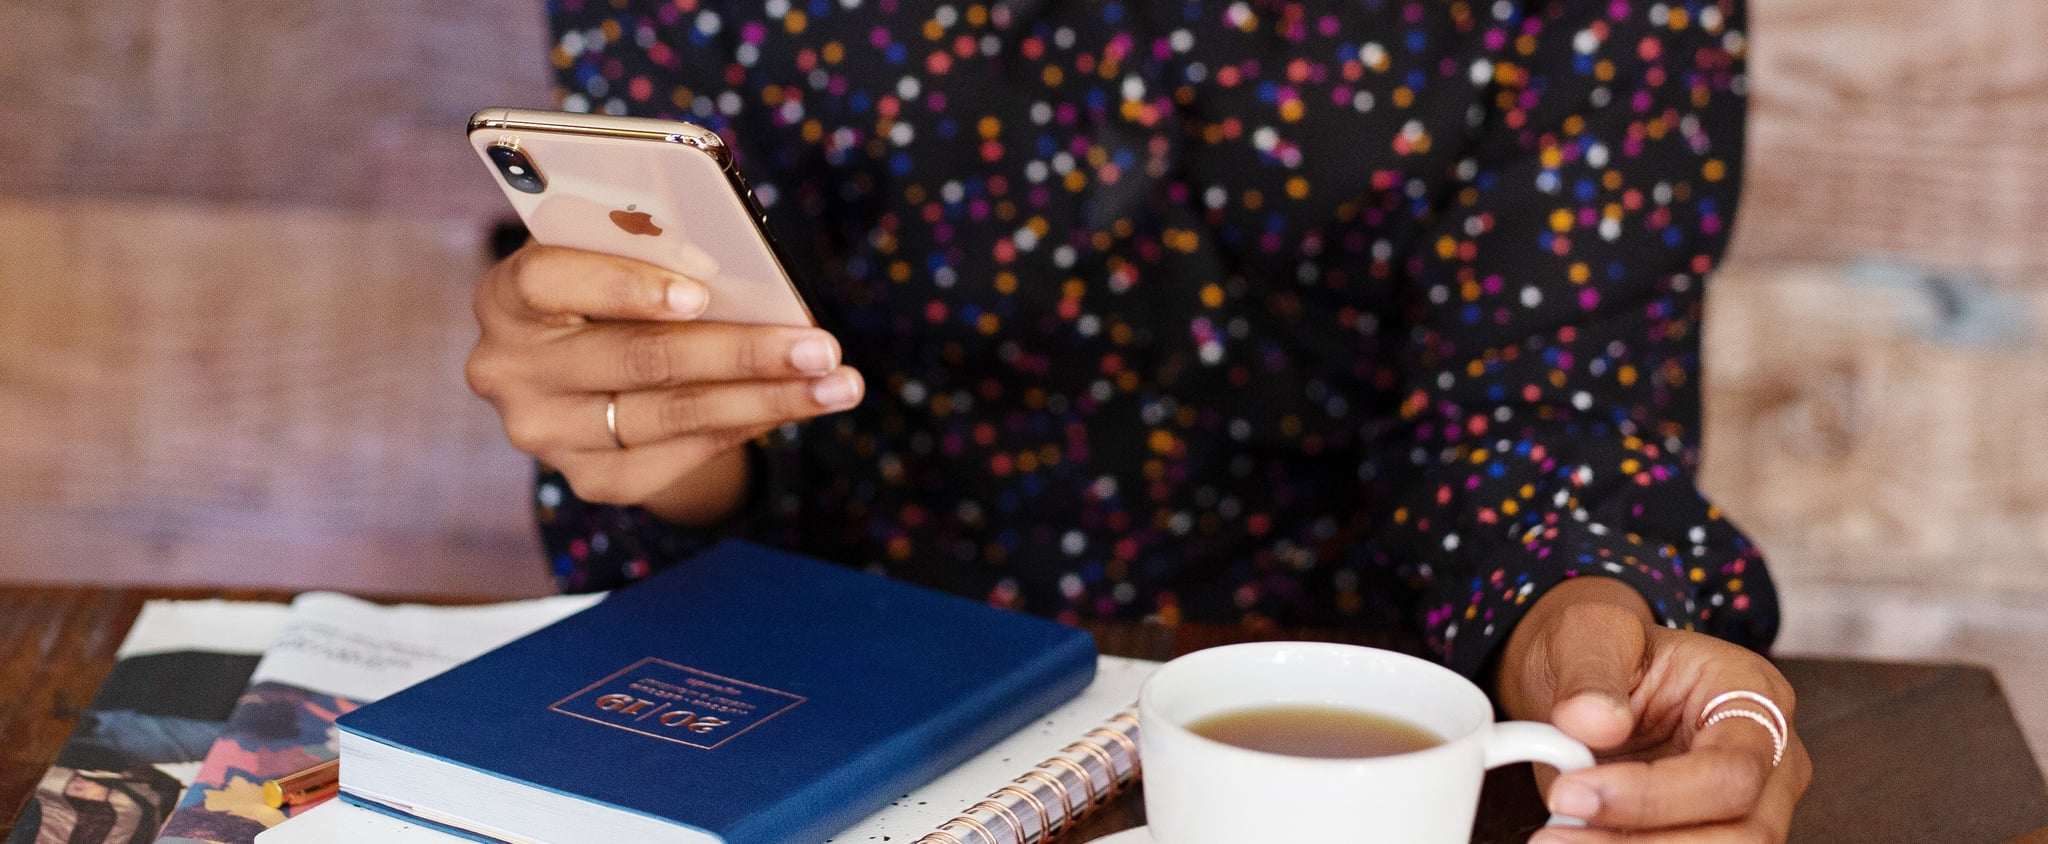 Why I Detoxed My Social Media